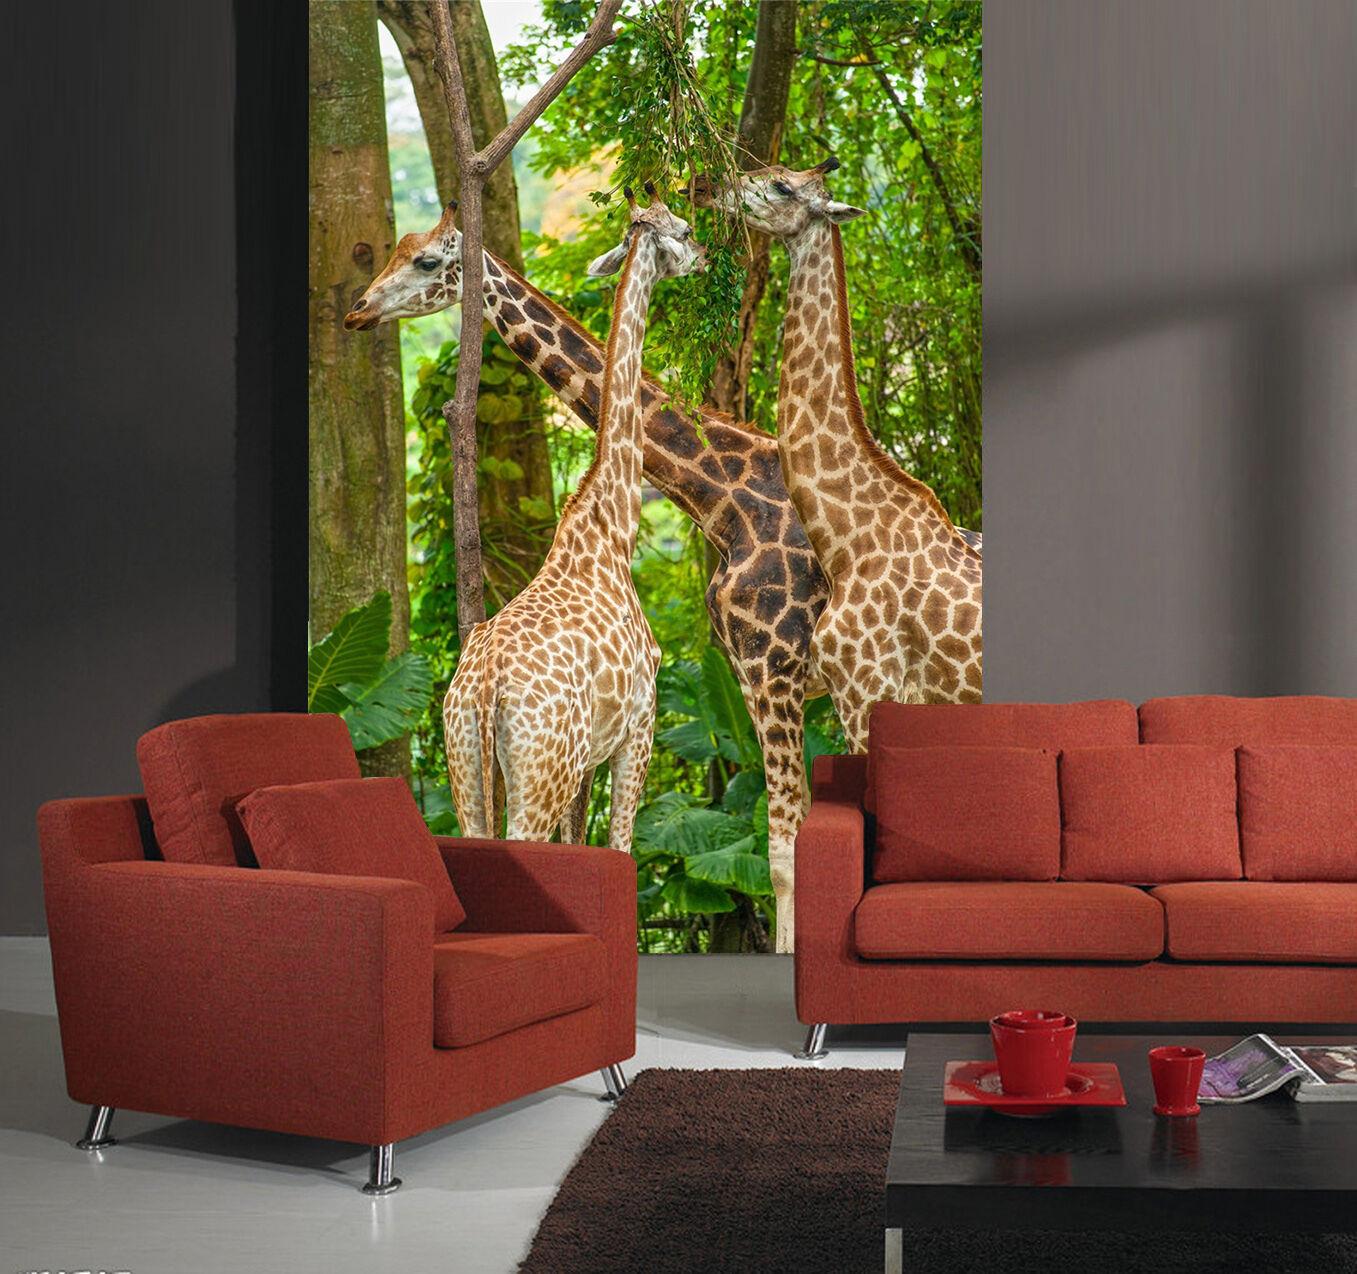 3D Forest Giraffes 199 WallPaper Murals Wall Print Decal Wall Deco AJ WALLPAPER